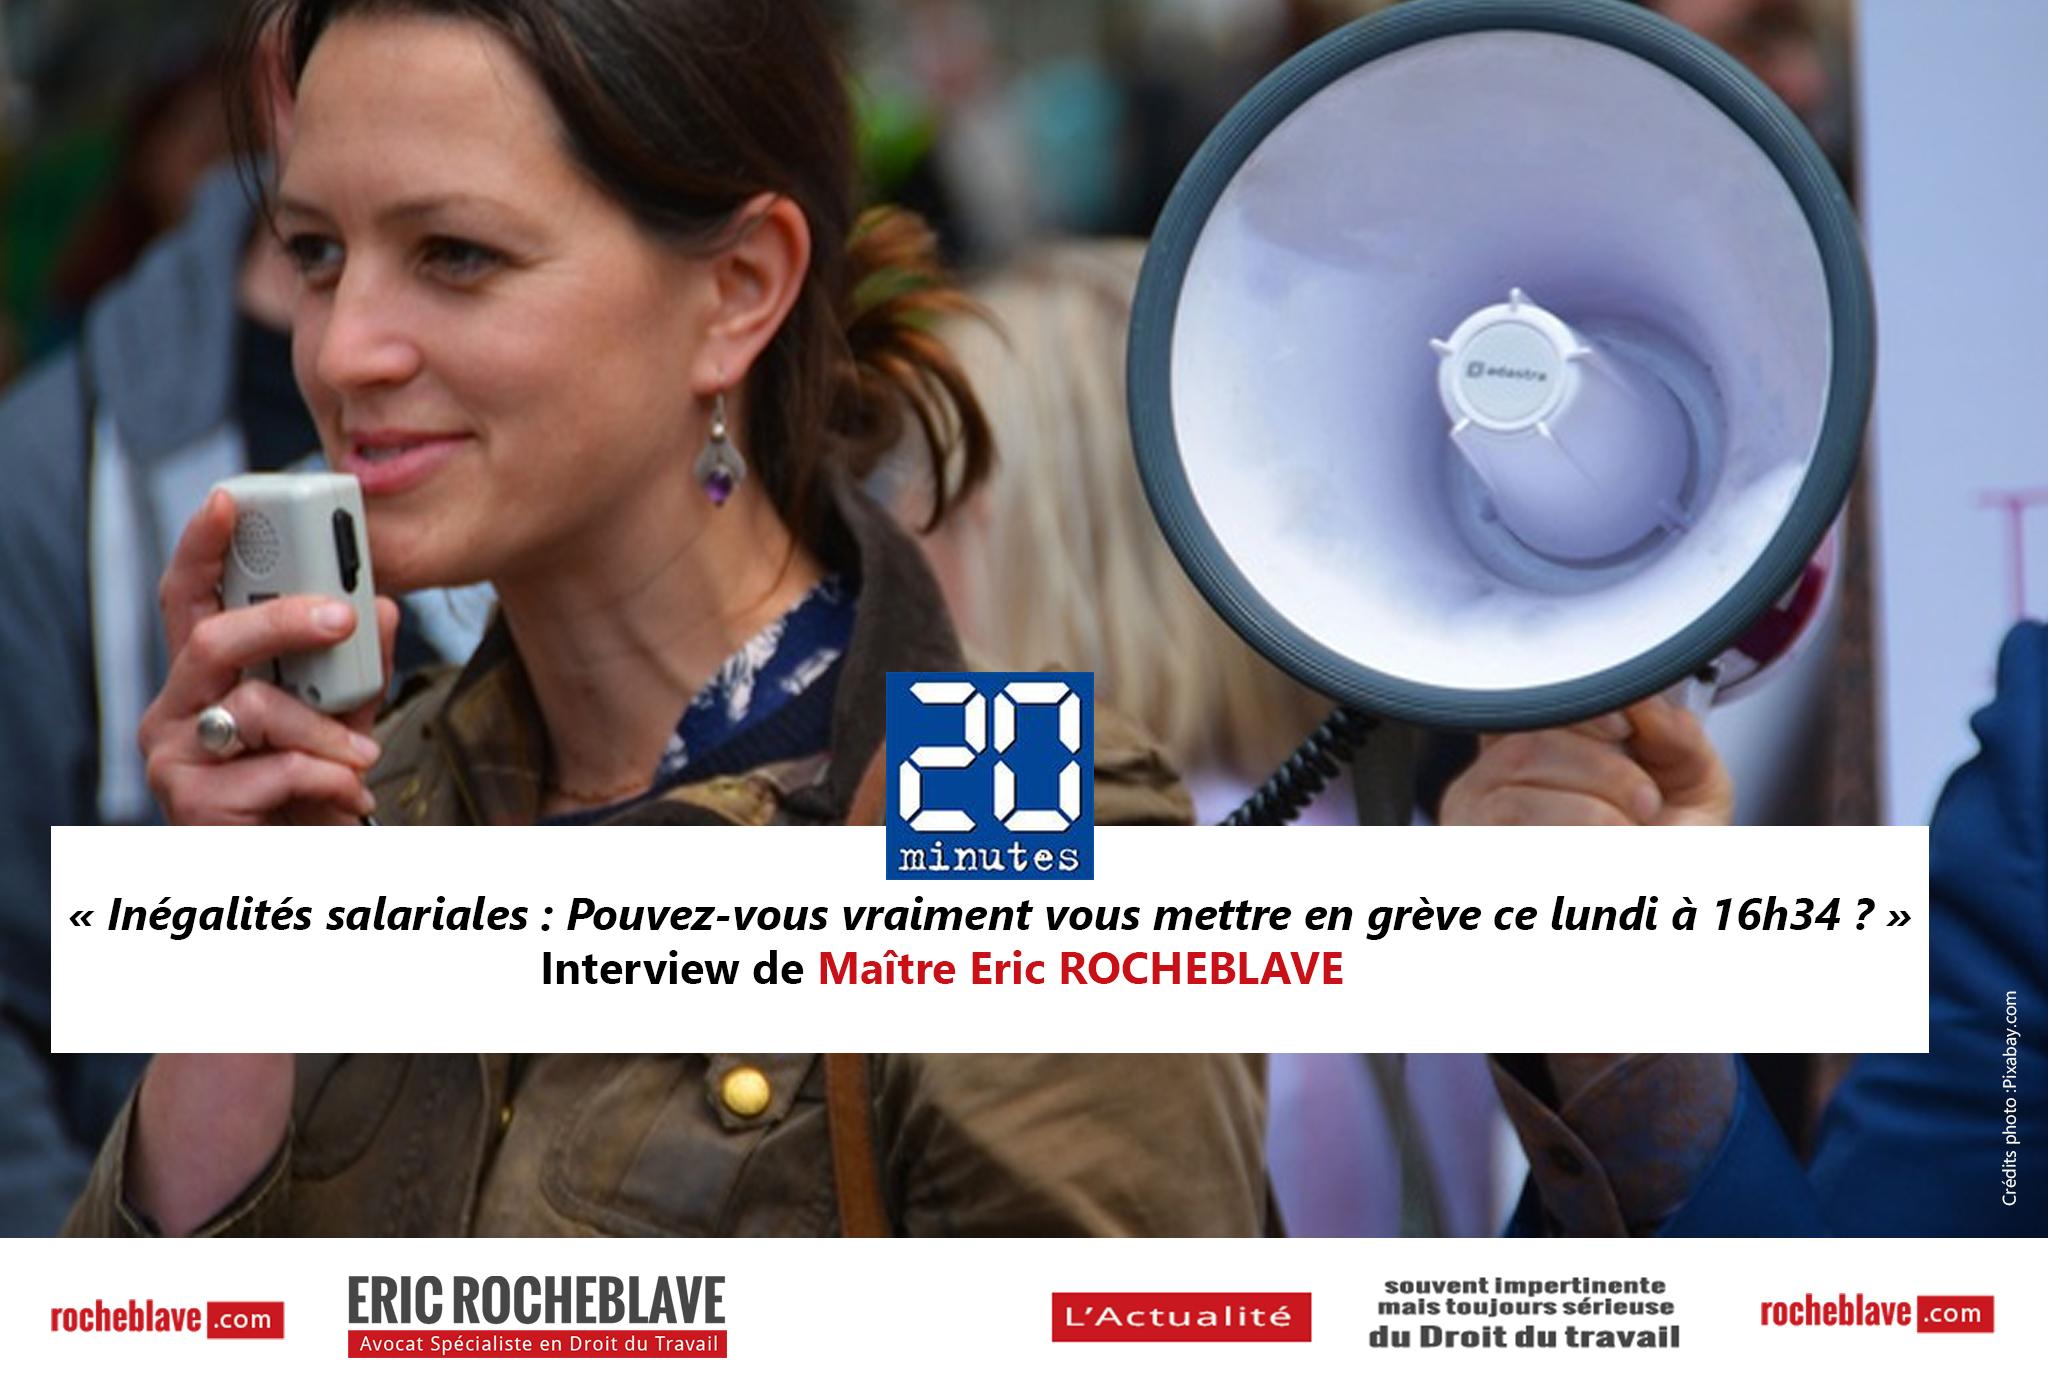 « Inégalités salariales : Pouvez-vous vraiment vous mettre en grève ce lundi à 16h34 ? » Interview de Maître Eric ROCHEBLAVE | 20minutes